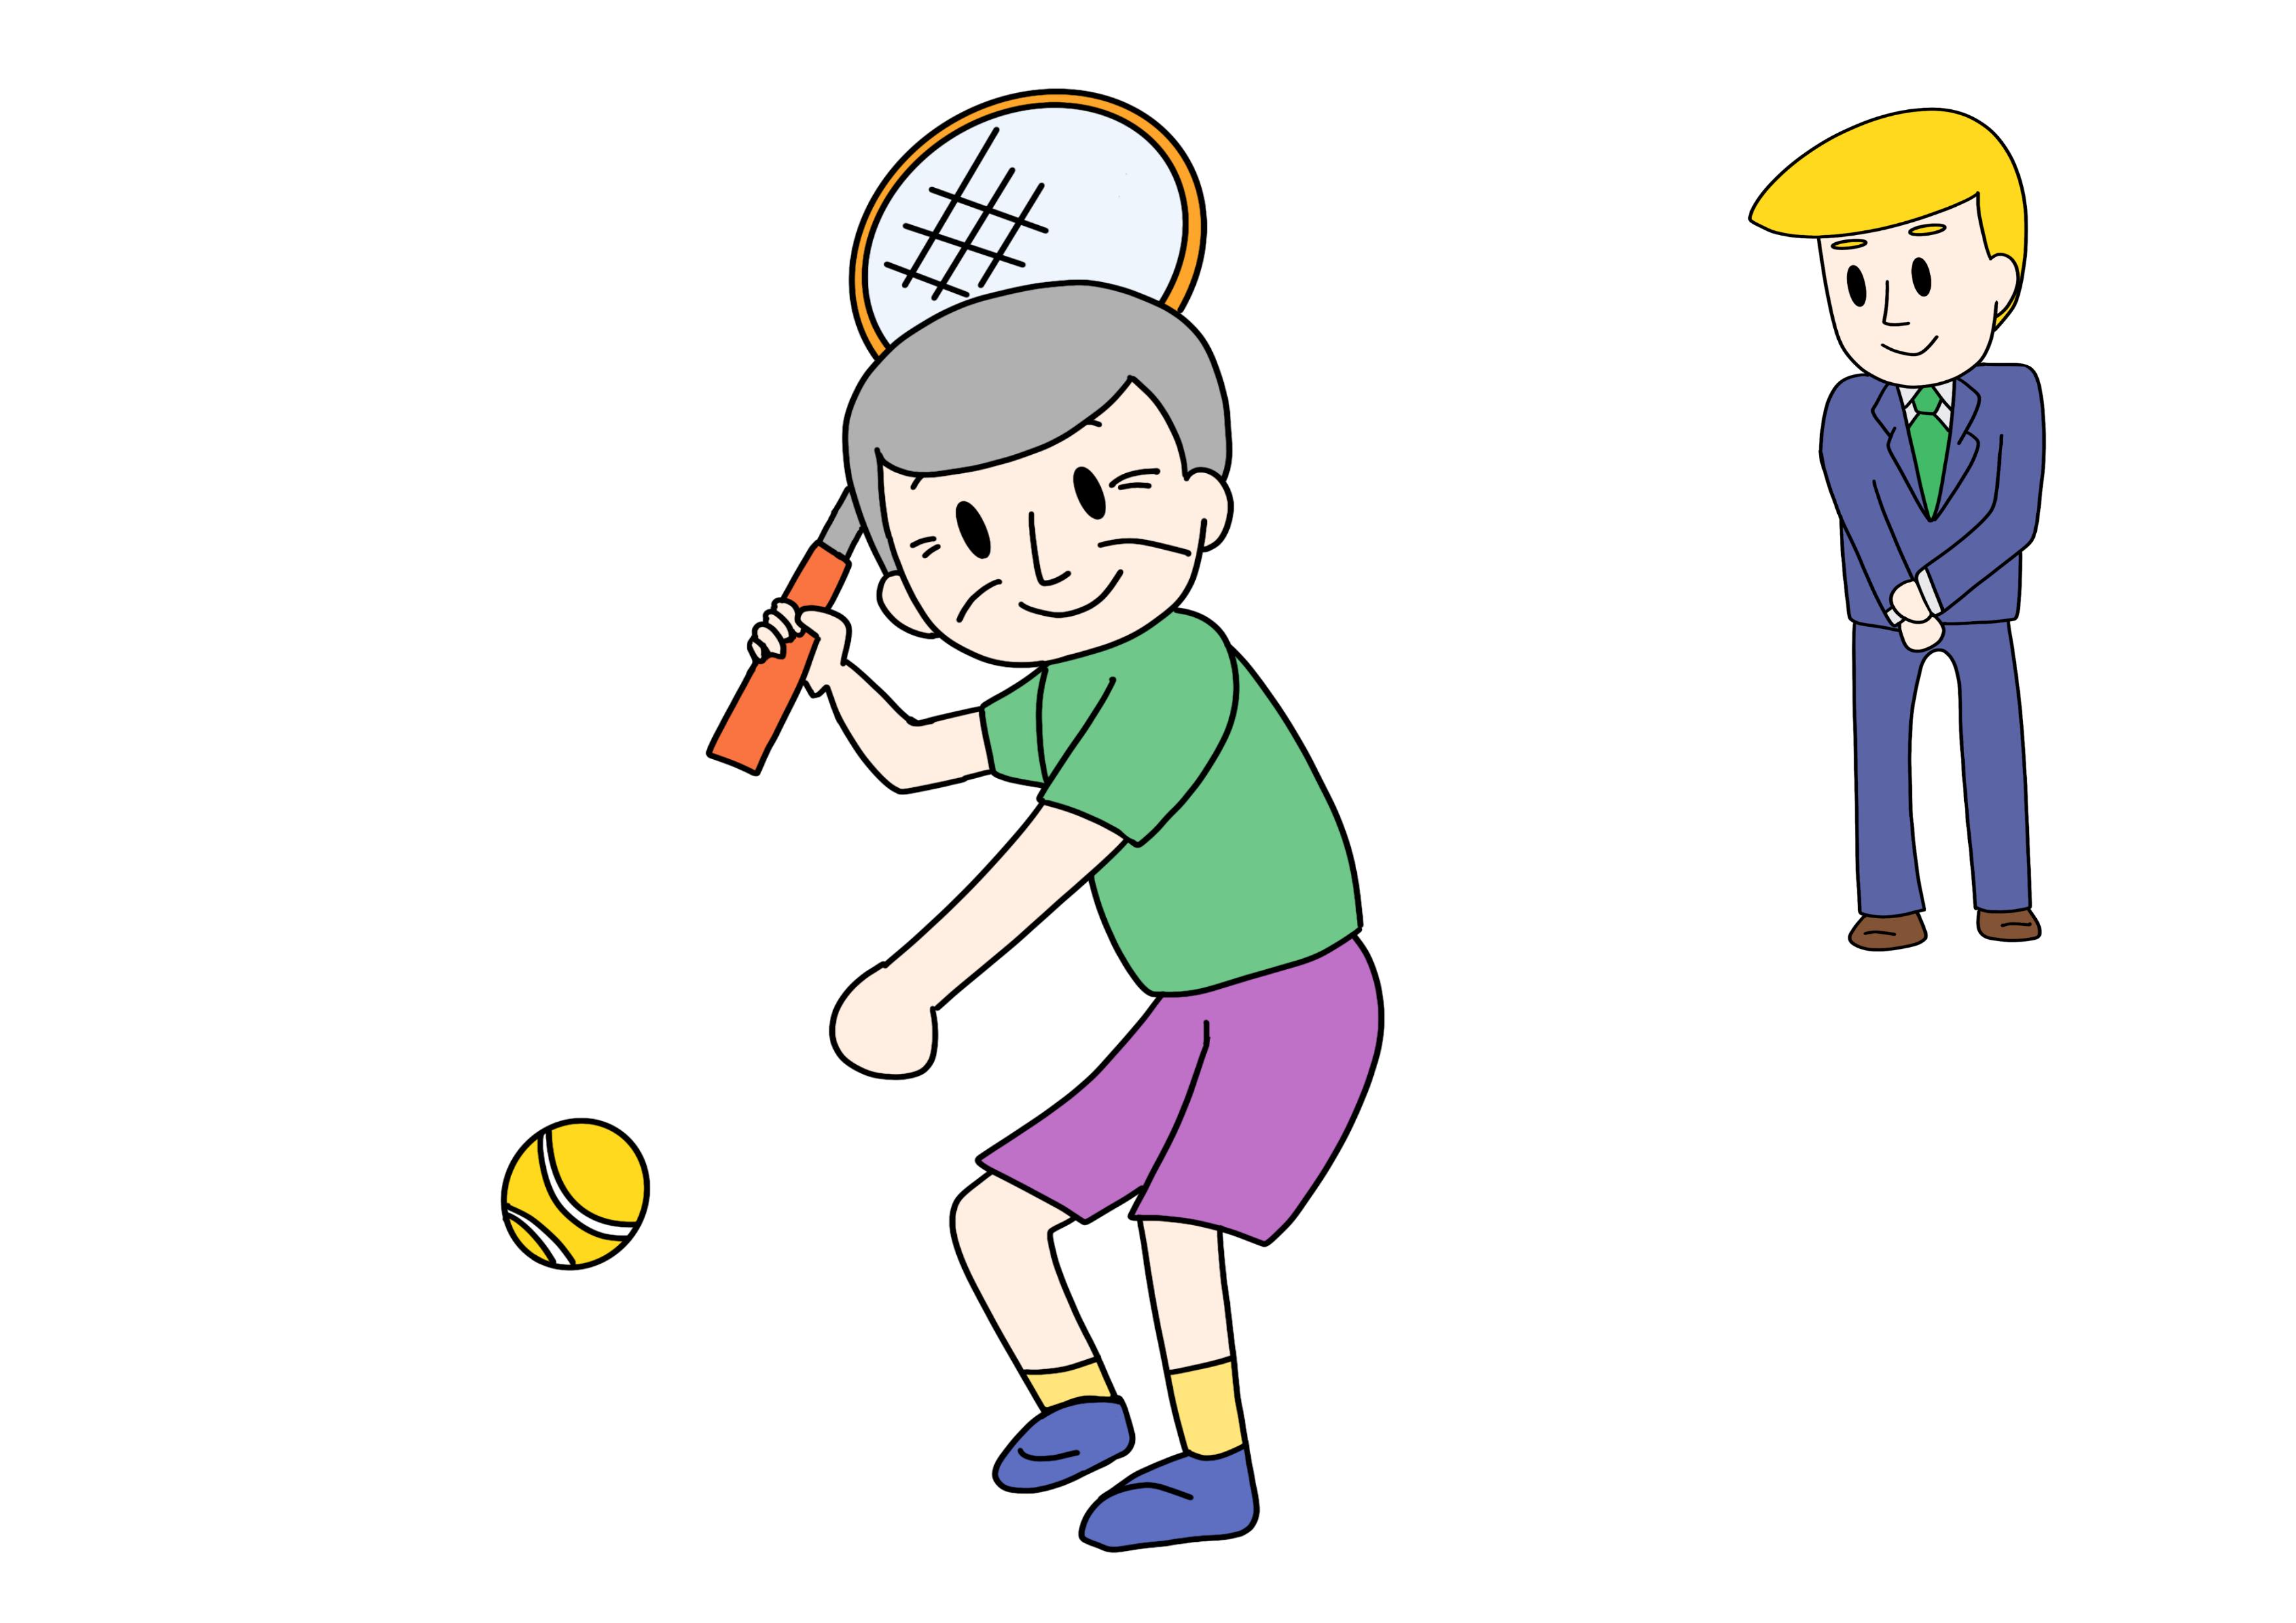 49課イラスト【テニスをなさいます/なさる】